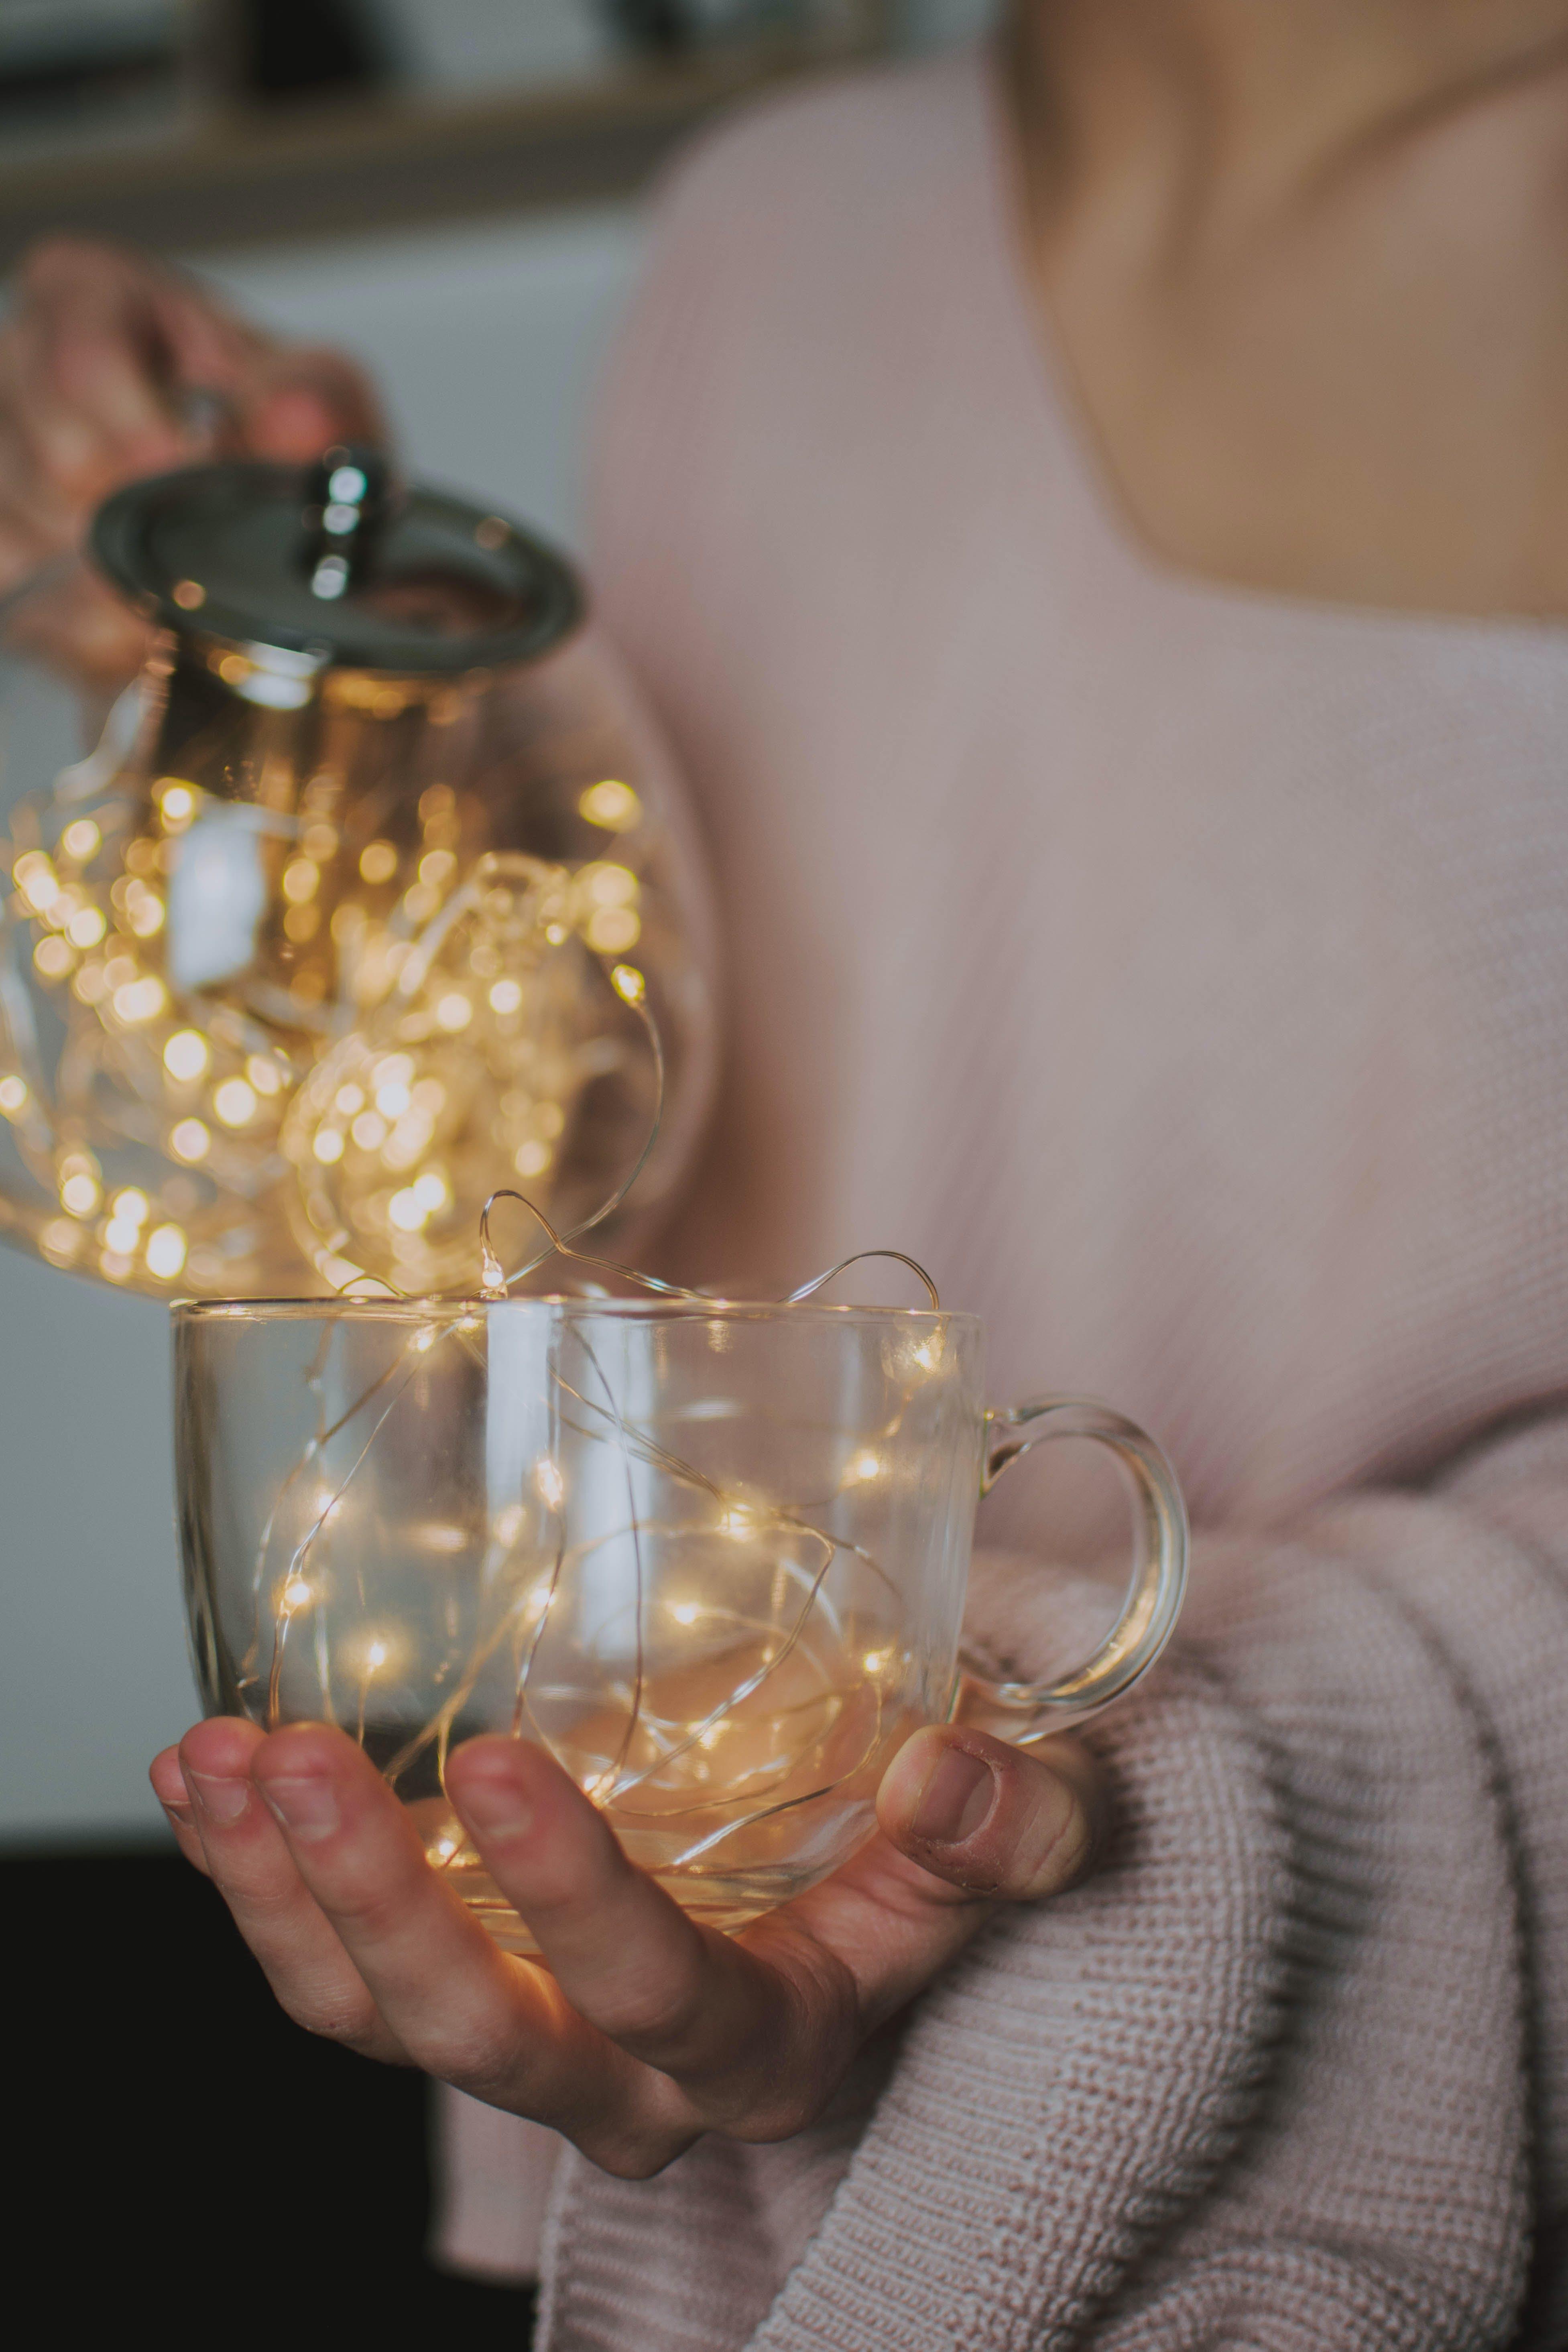 Základová fotografie zdarma na téma ruka, šálek, skleněné, skleněný pohár